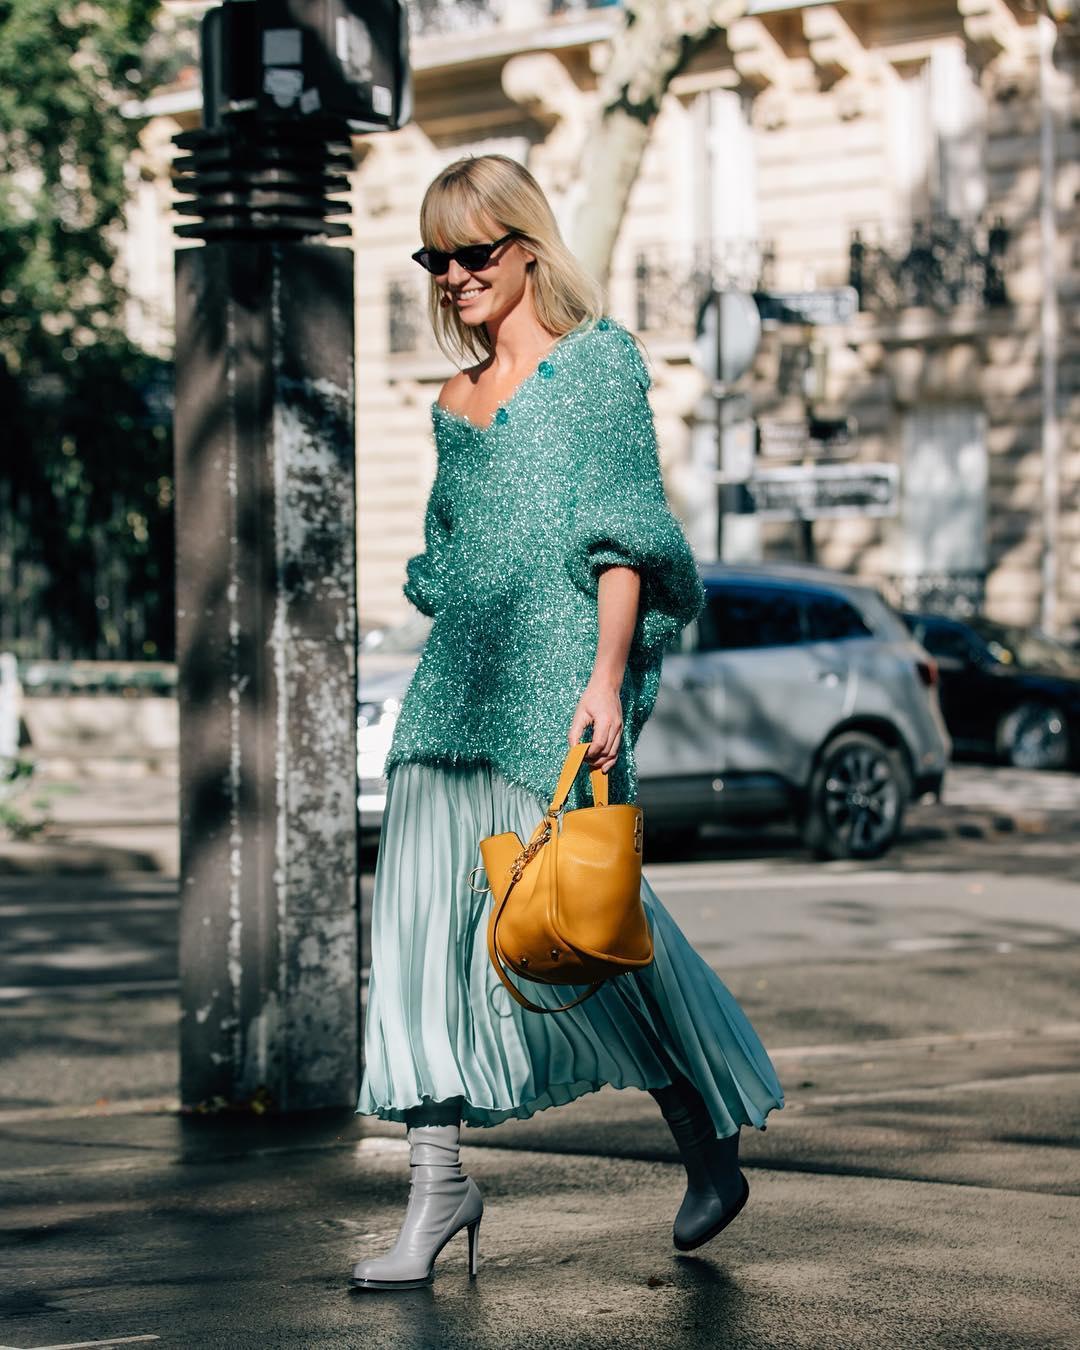 ideas sobre cómo combinar los colores en las prendas, moda mujer 2019 2020, falda midi en pliegues en color azul hielo